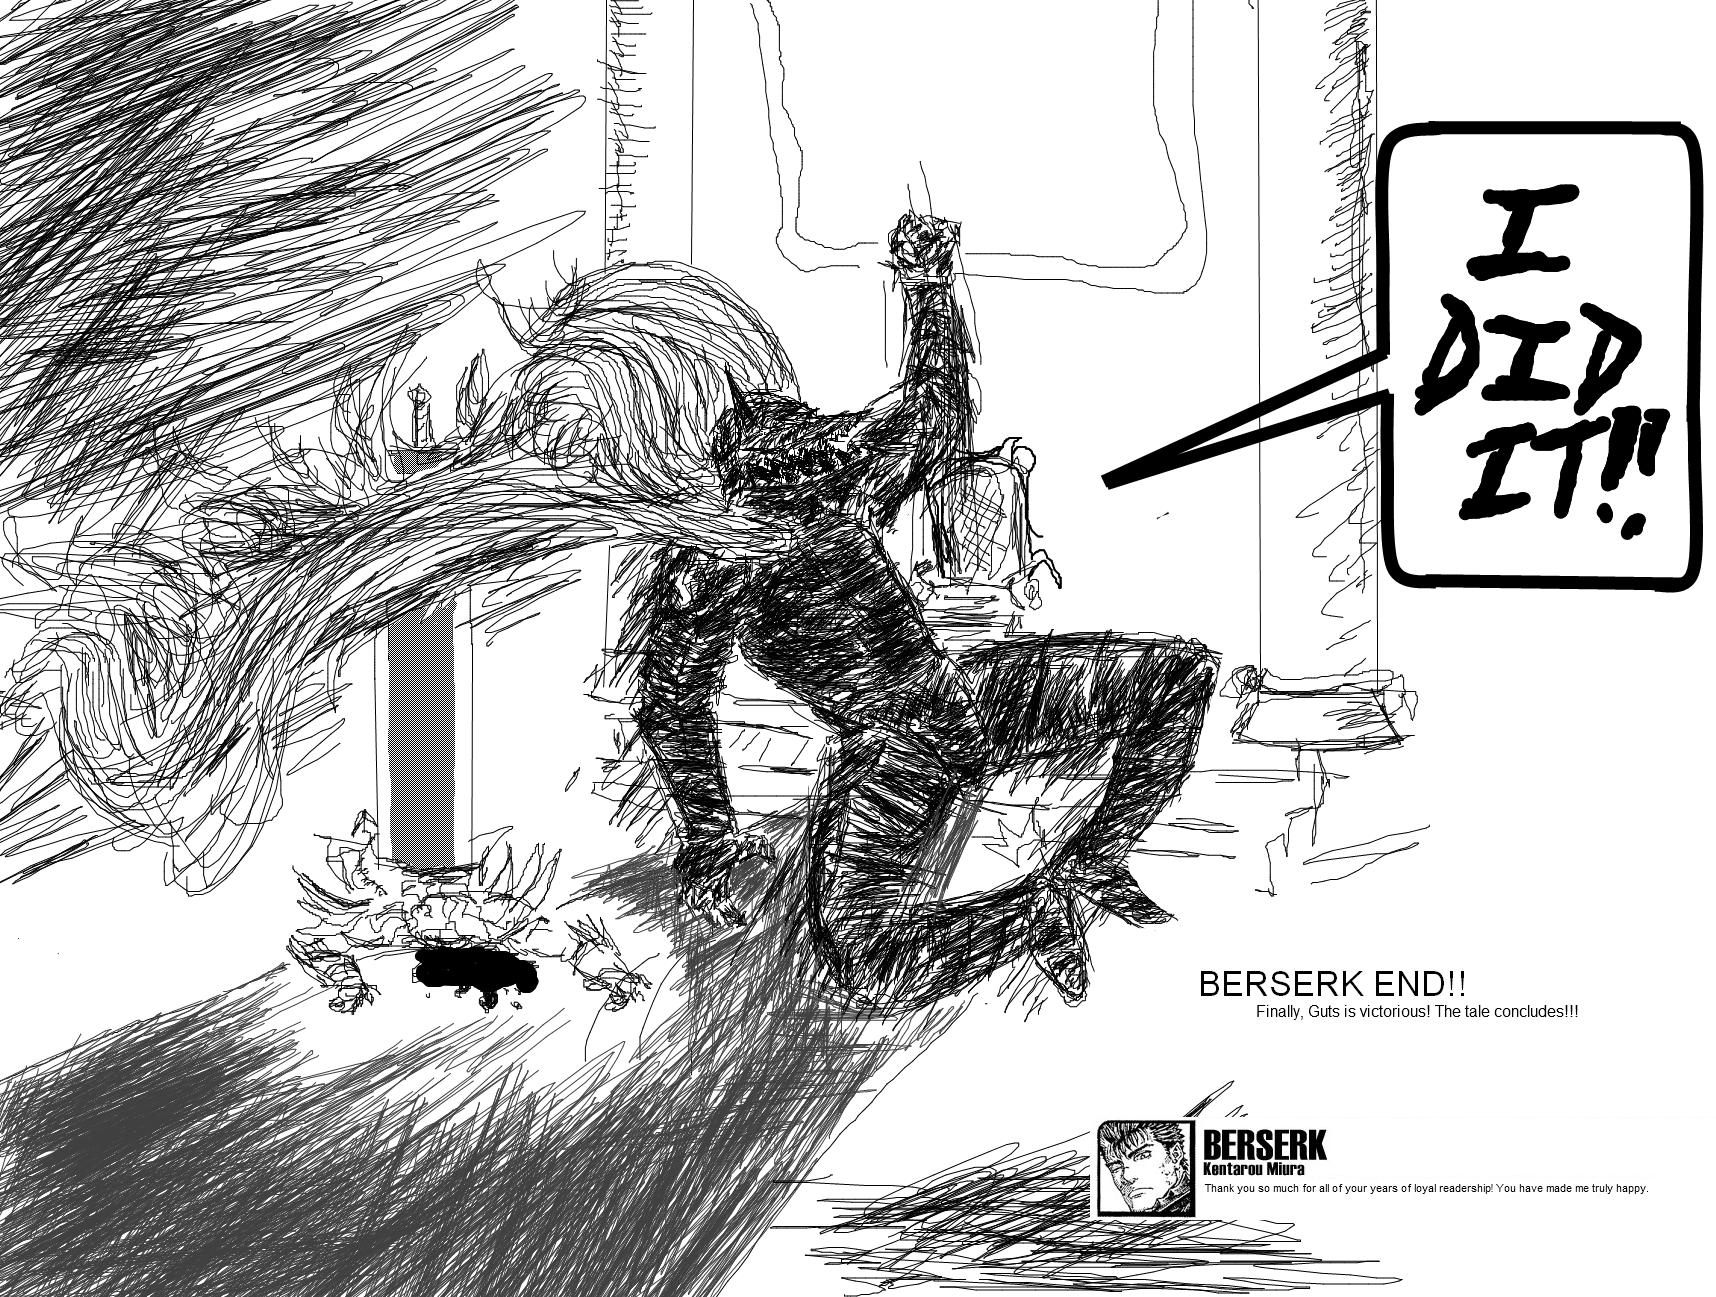 LEGIT LEAK OF BERSERK'S FINAL CHAPTER | Berserk | Know Your Meme